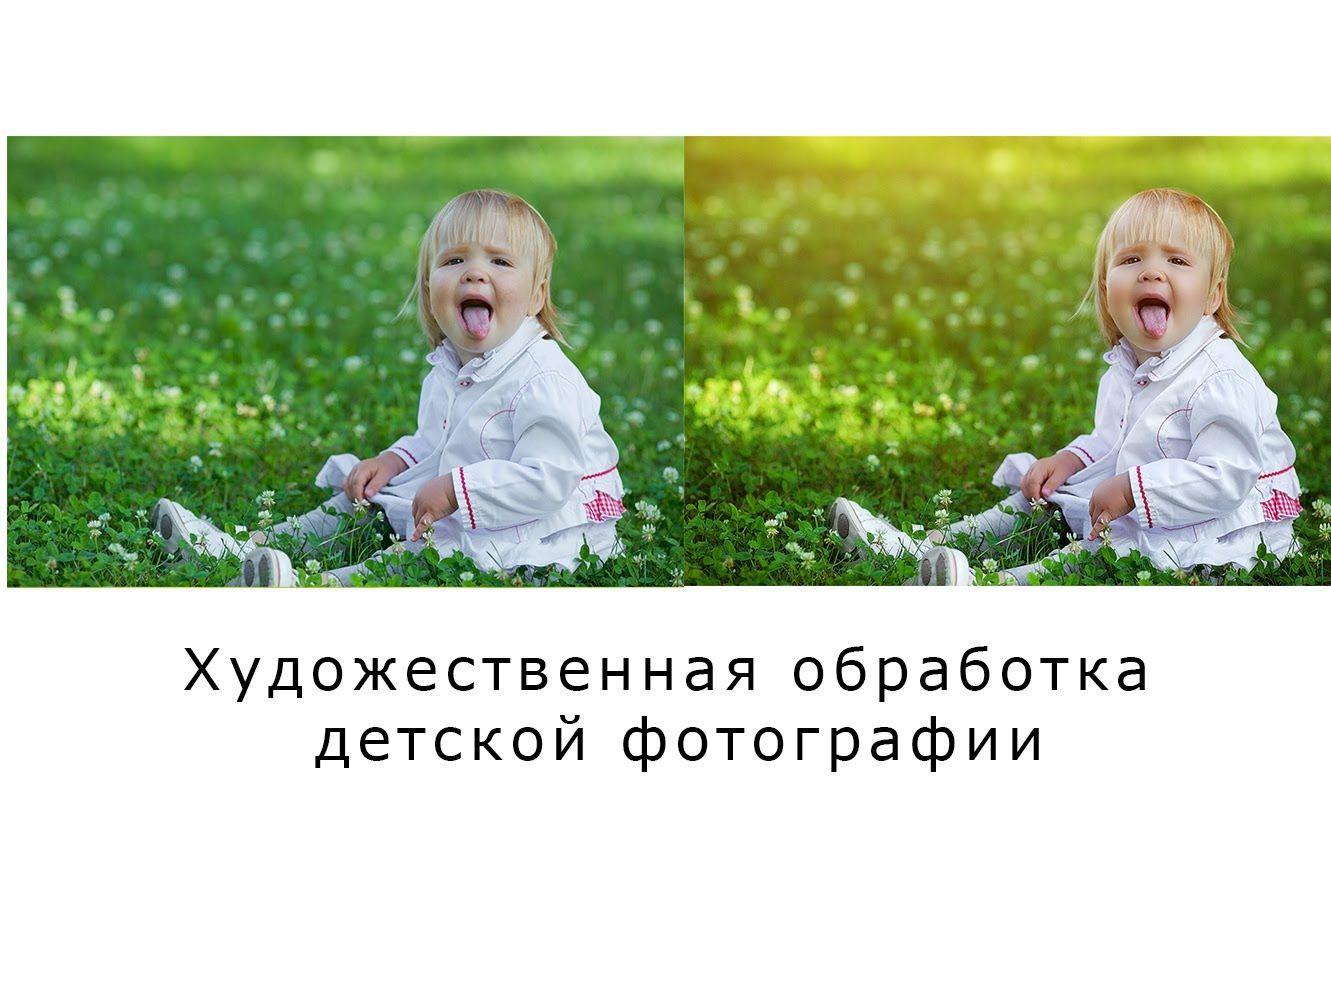 Художественная обработка детской фотографии в Фотошоп ...